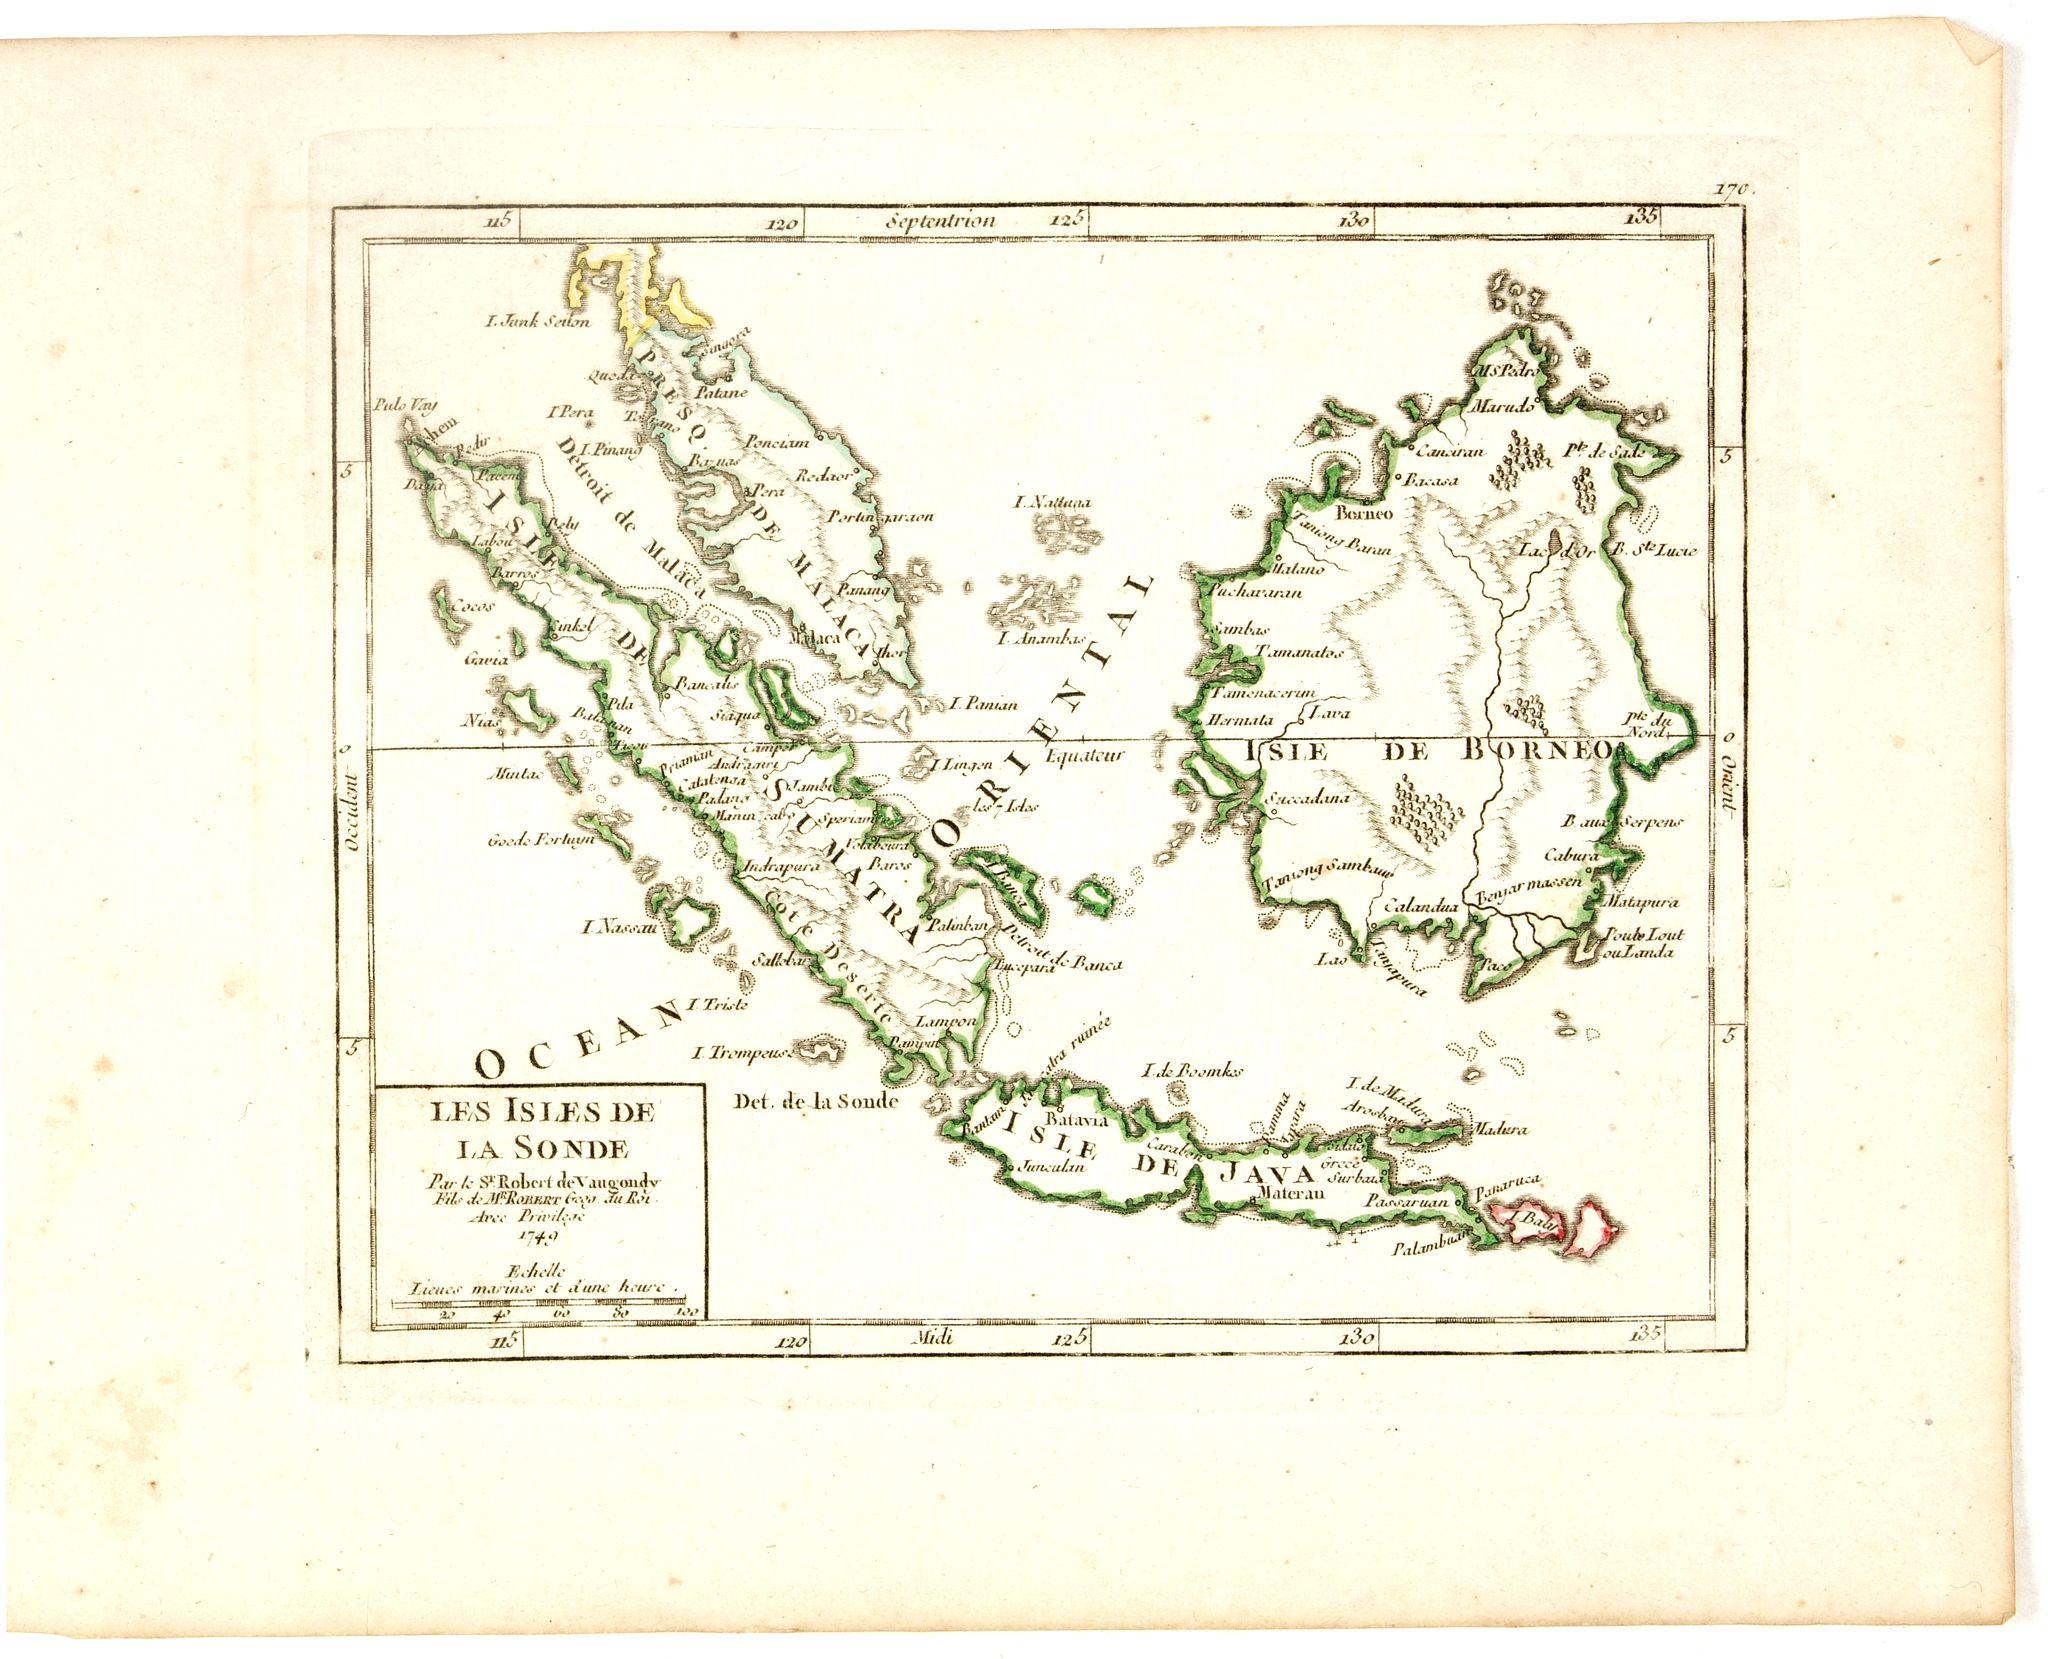 VAUGONDY, R. de -  Les Isles de la Sonde Par le Sr. Robert de Vaugondy fils de Mr. Robert Geog. Ord du Roi avec Privilege 1749.